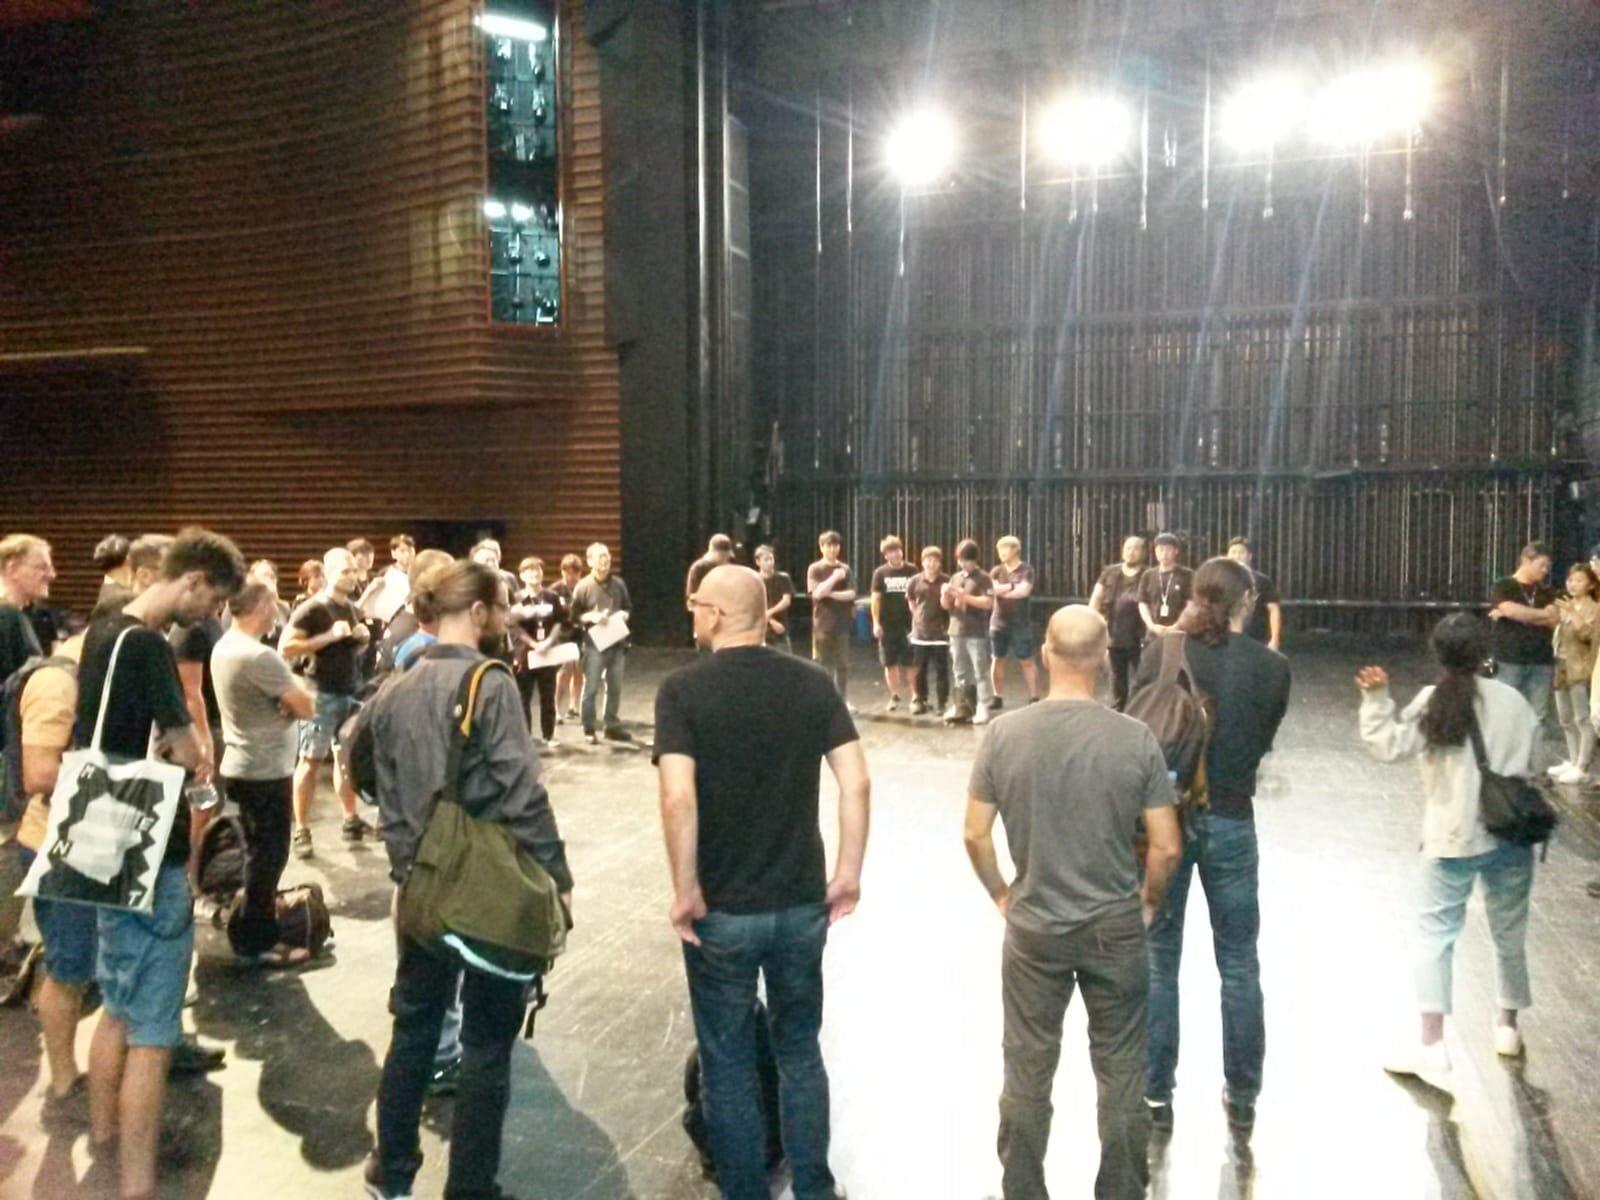 Teambesprechung auf der Bühne im LG Art Center